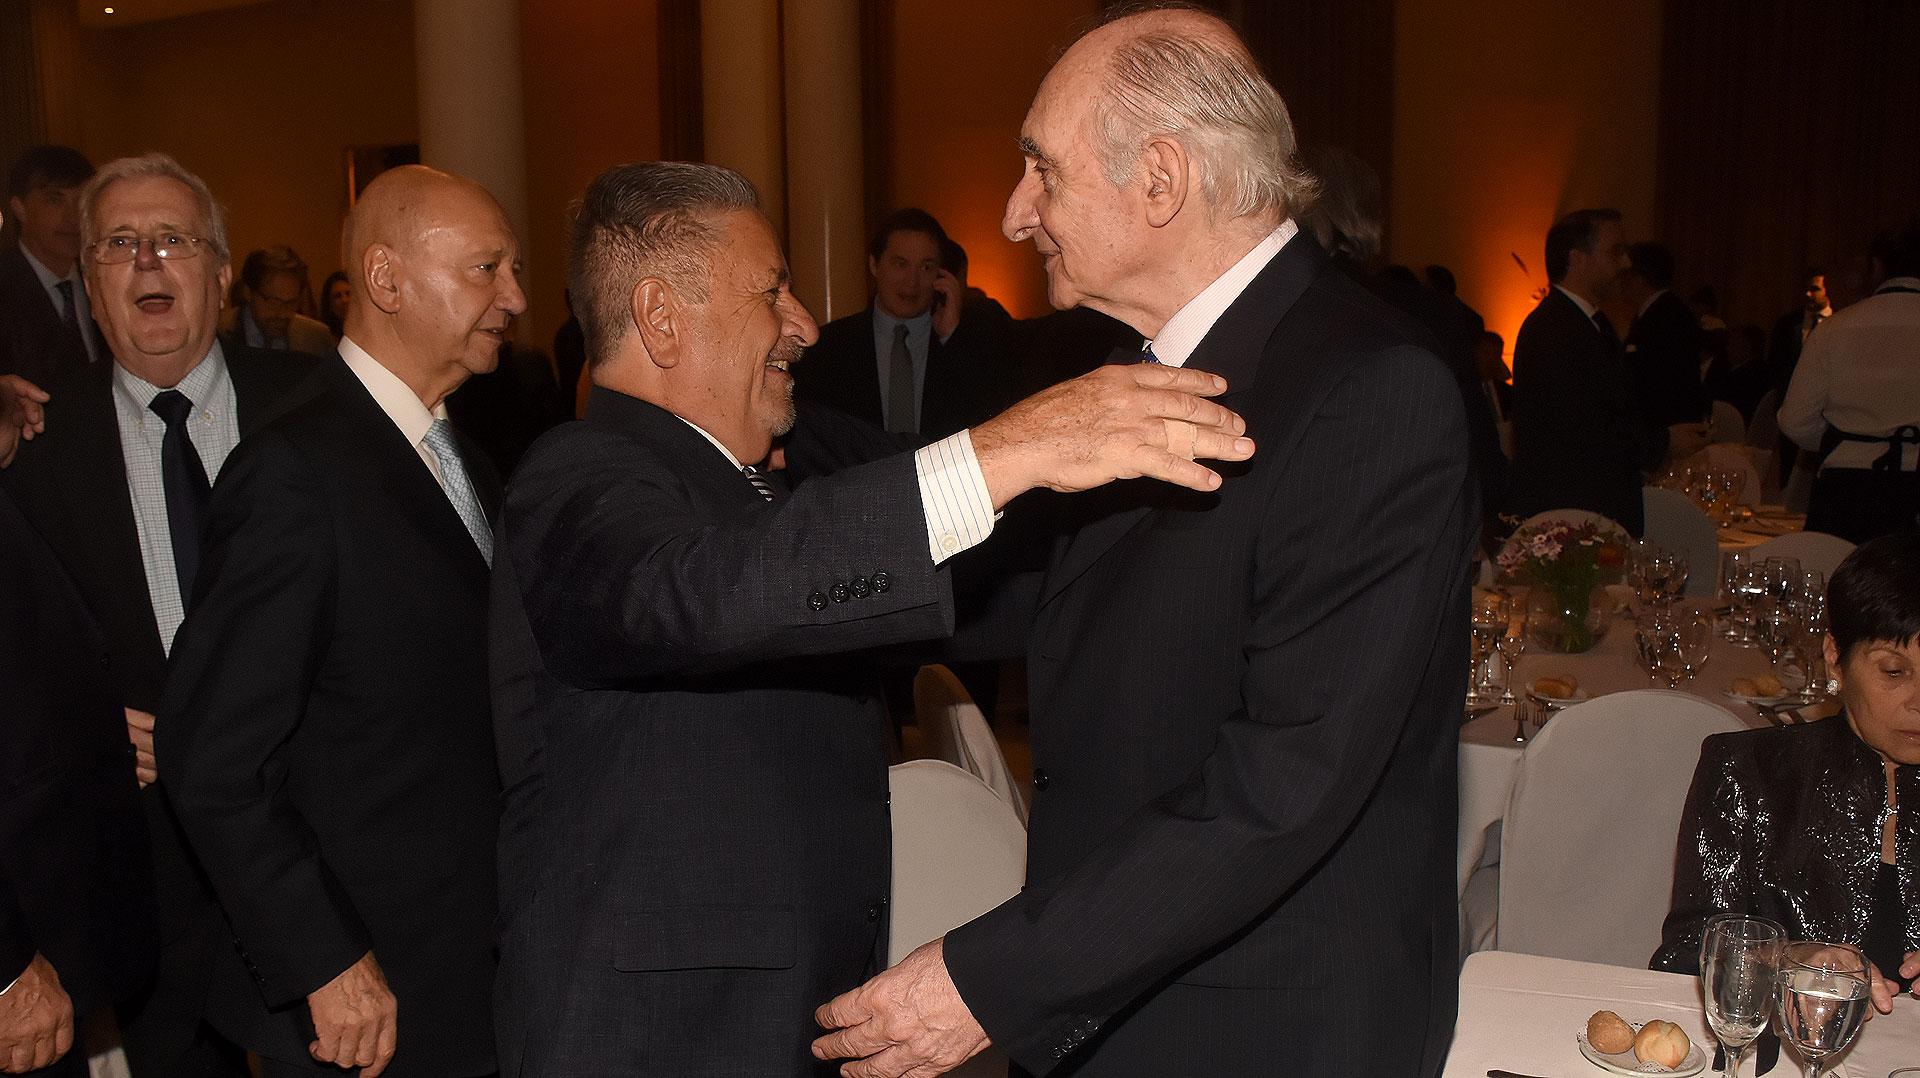 Los ex primeros mandatarios se saludaron con mucha amabilidad y conversaron animadamente